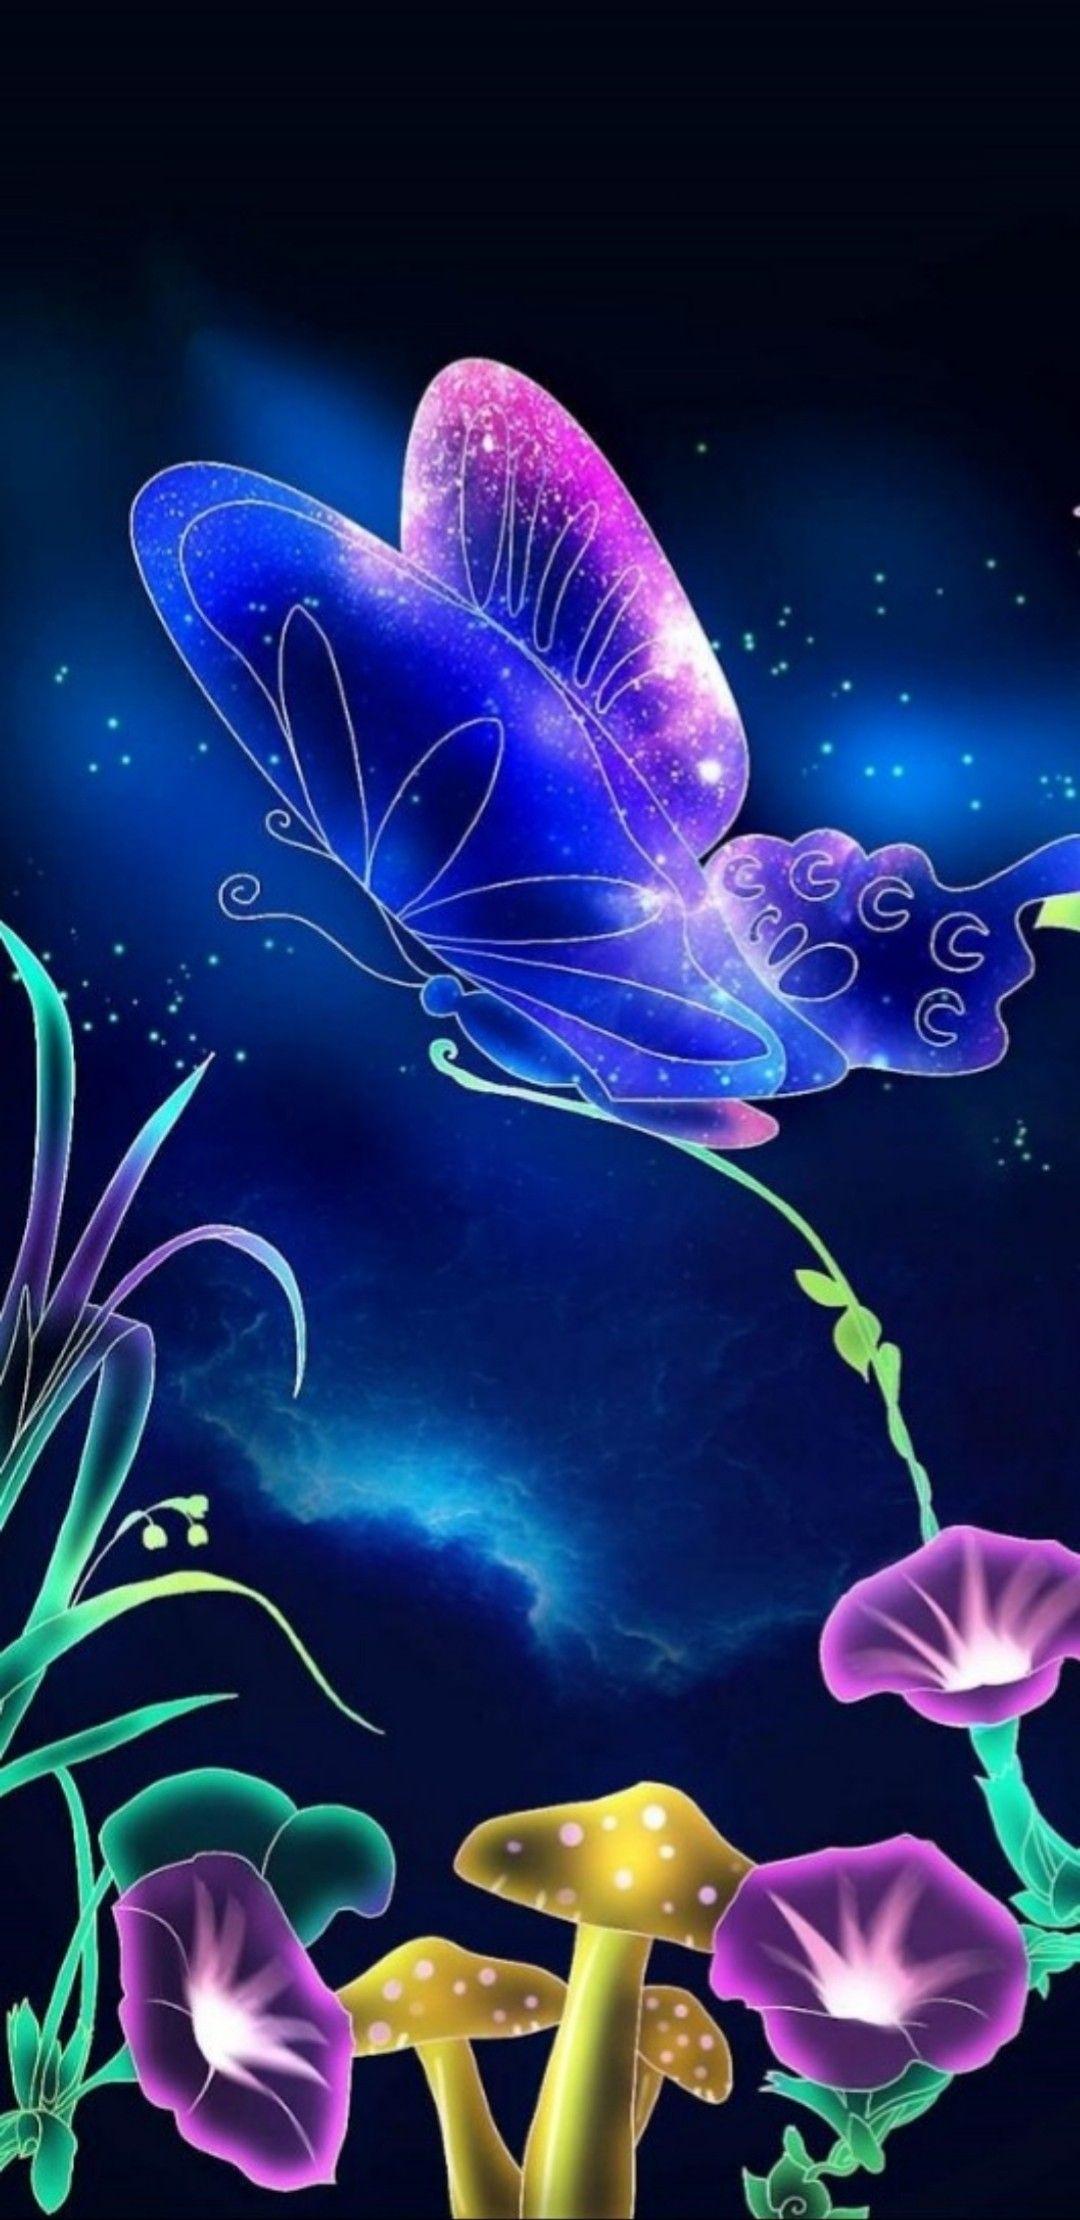 Butterfly Magic Butterflies In 2019 Butterfly Wallpaper